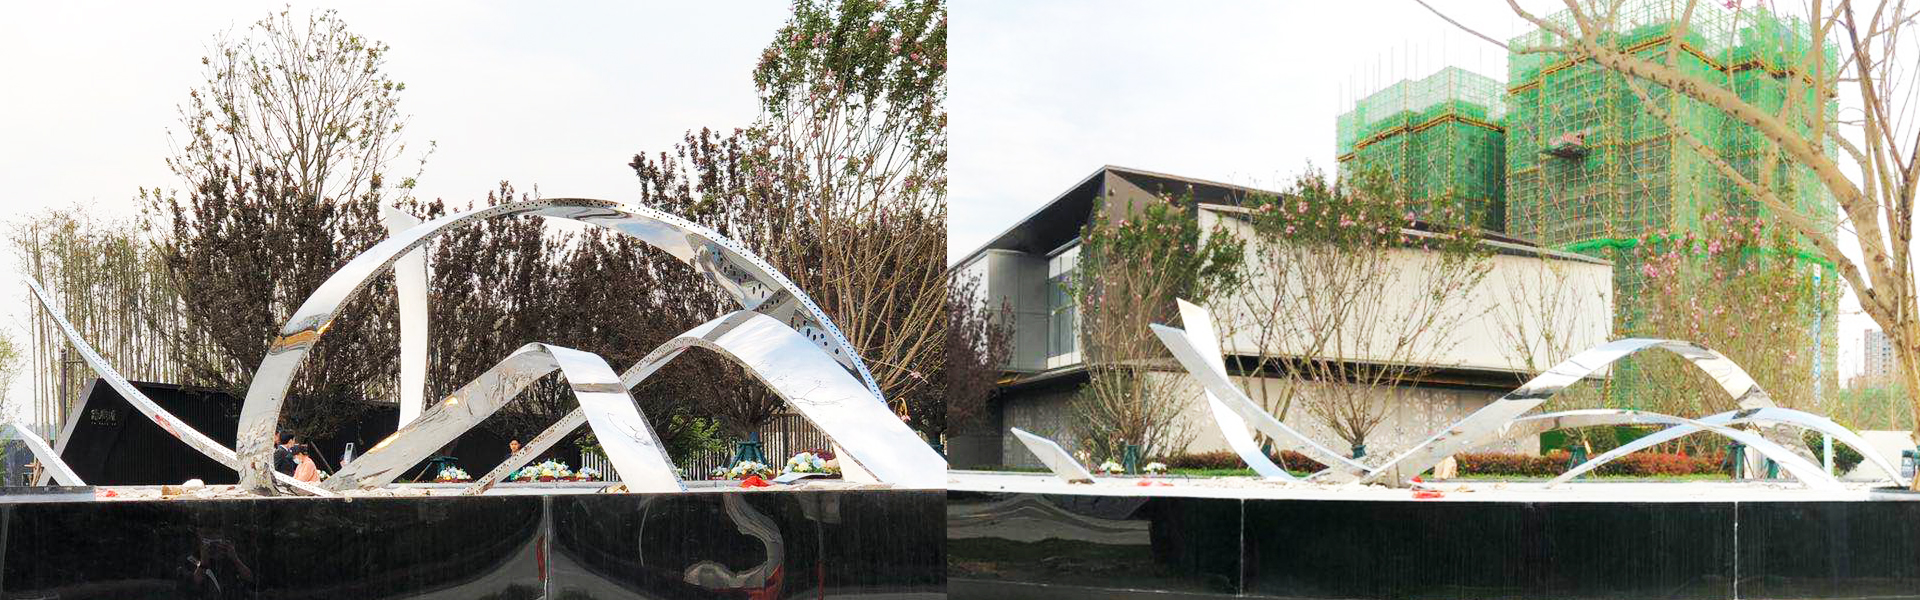 成都玻璃钢雕塑定制工程就找方知园林景观工程有限公司